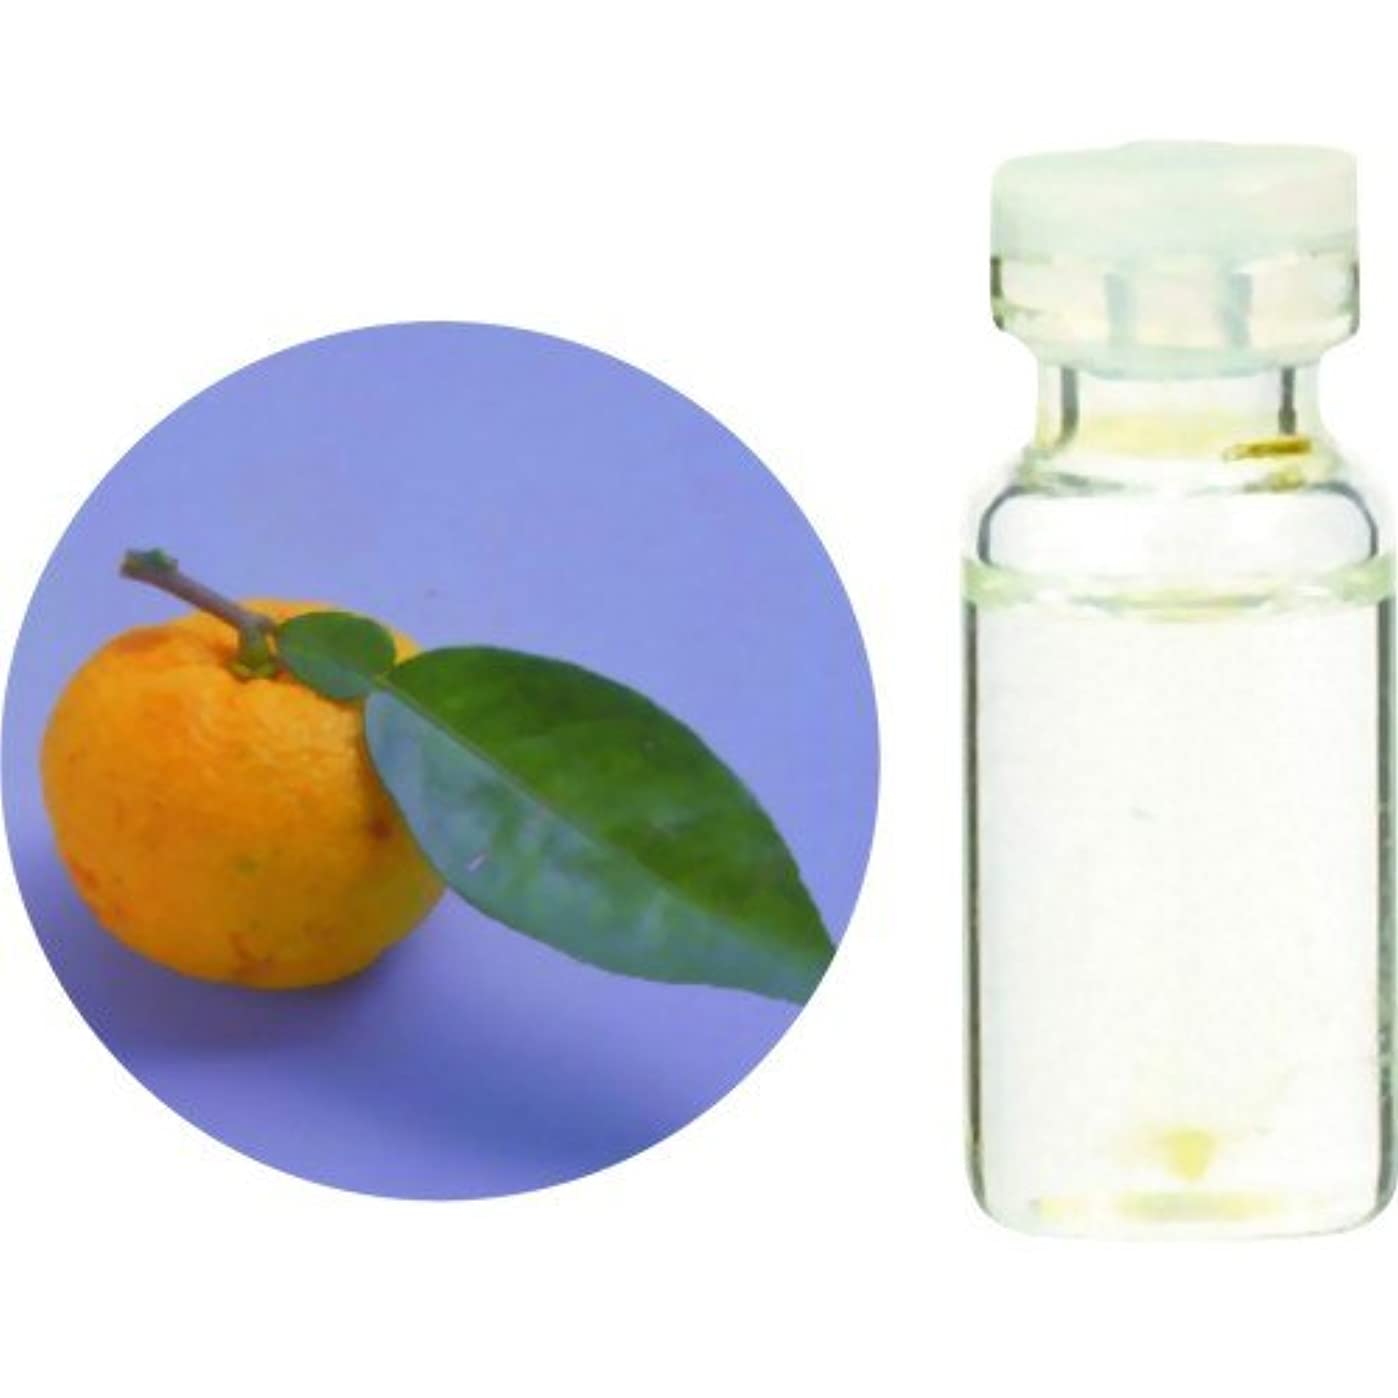 セグメント測定可能委任生活の木 Herbal Life 和精油 柚子(ゆず)(水蒸気蒸留法) 3ml